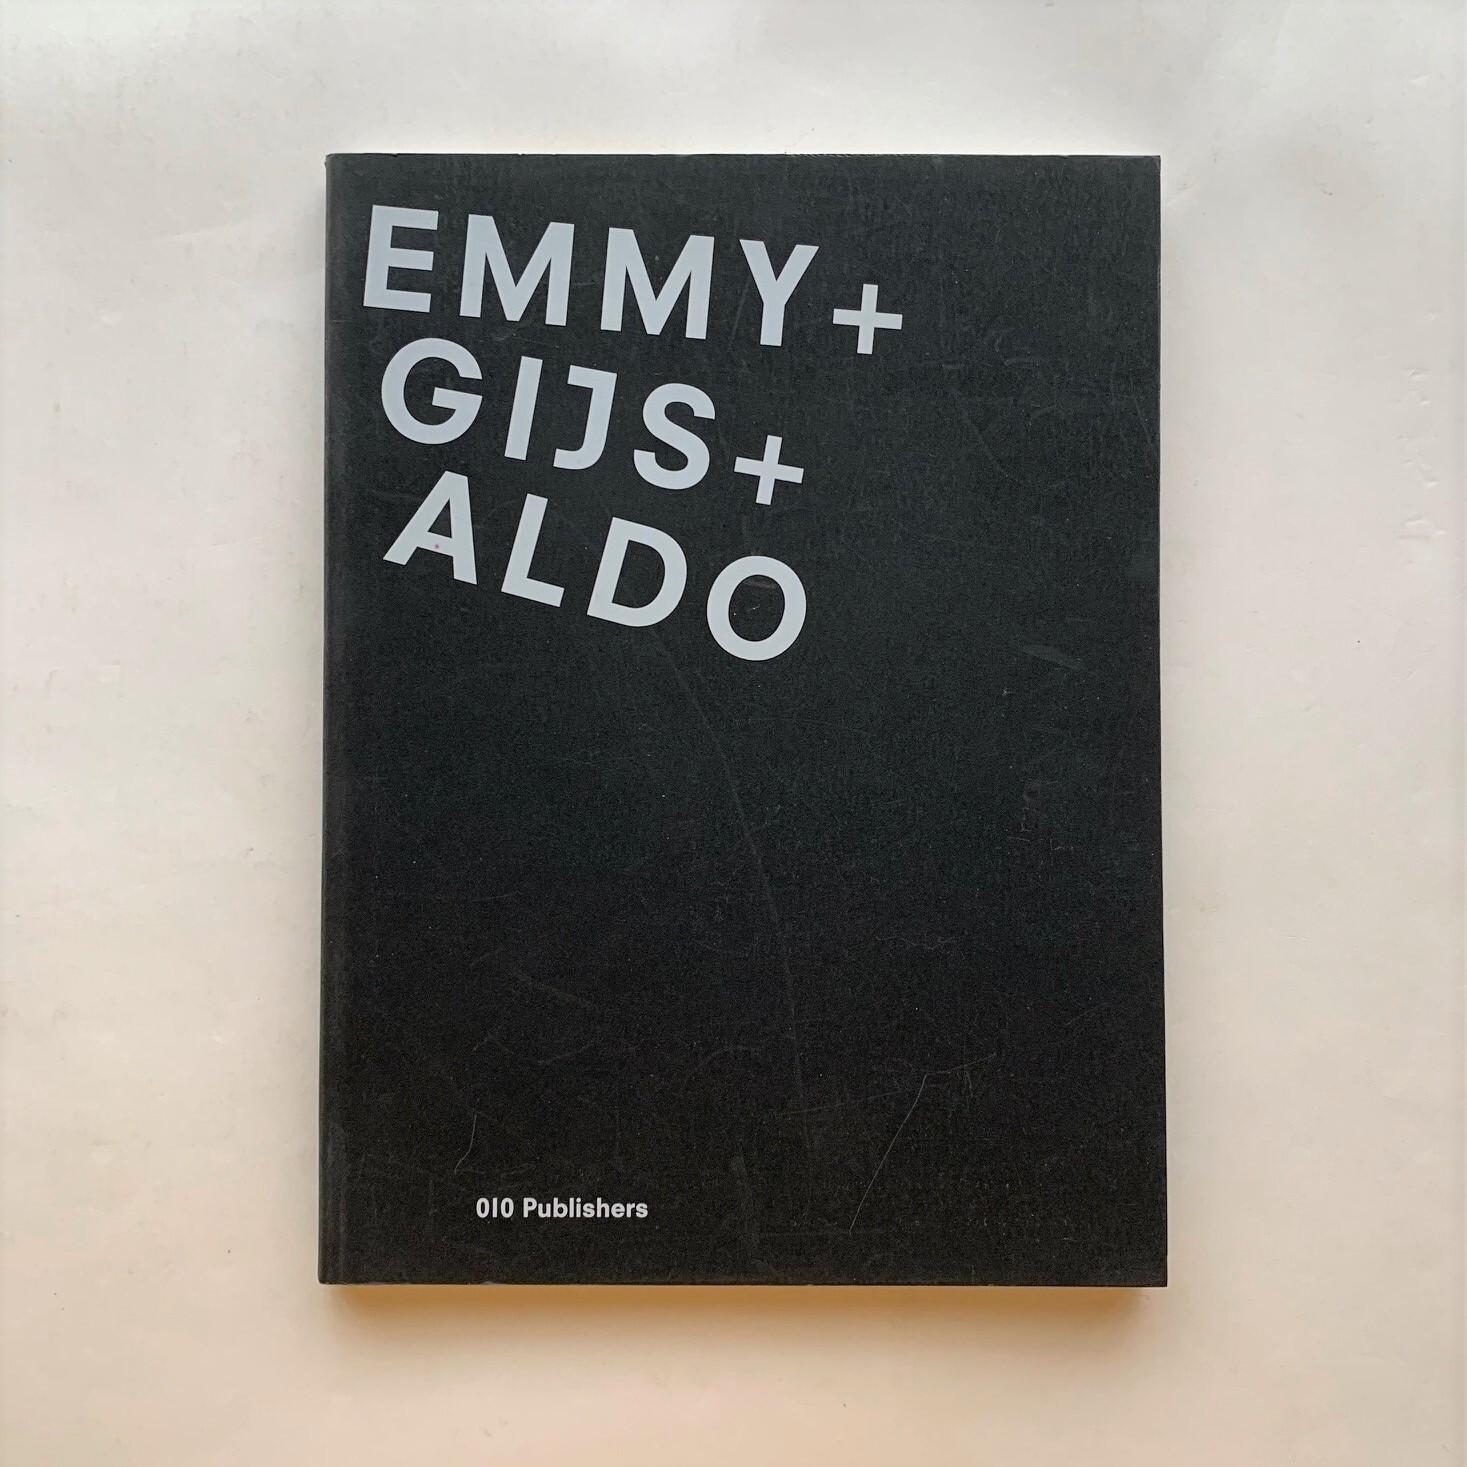 Emmy+Gijs+Aldo / Jan Boelen / 010 Publishers